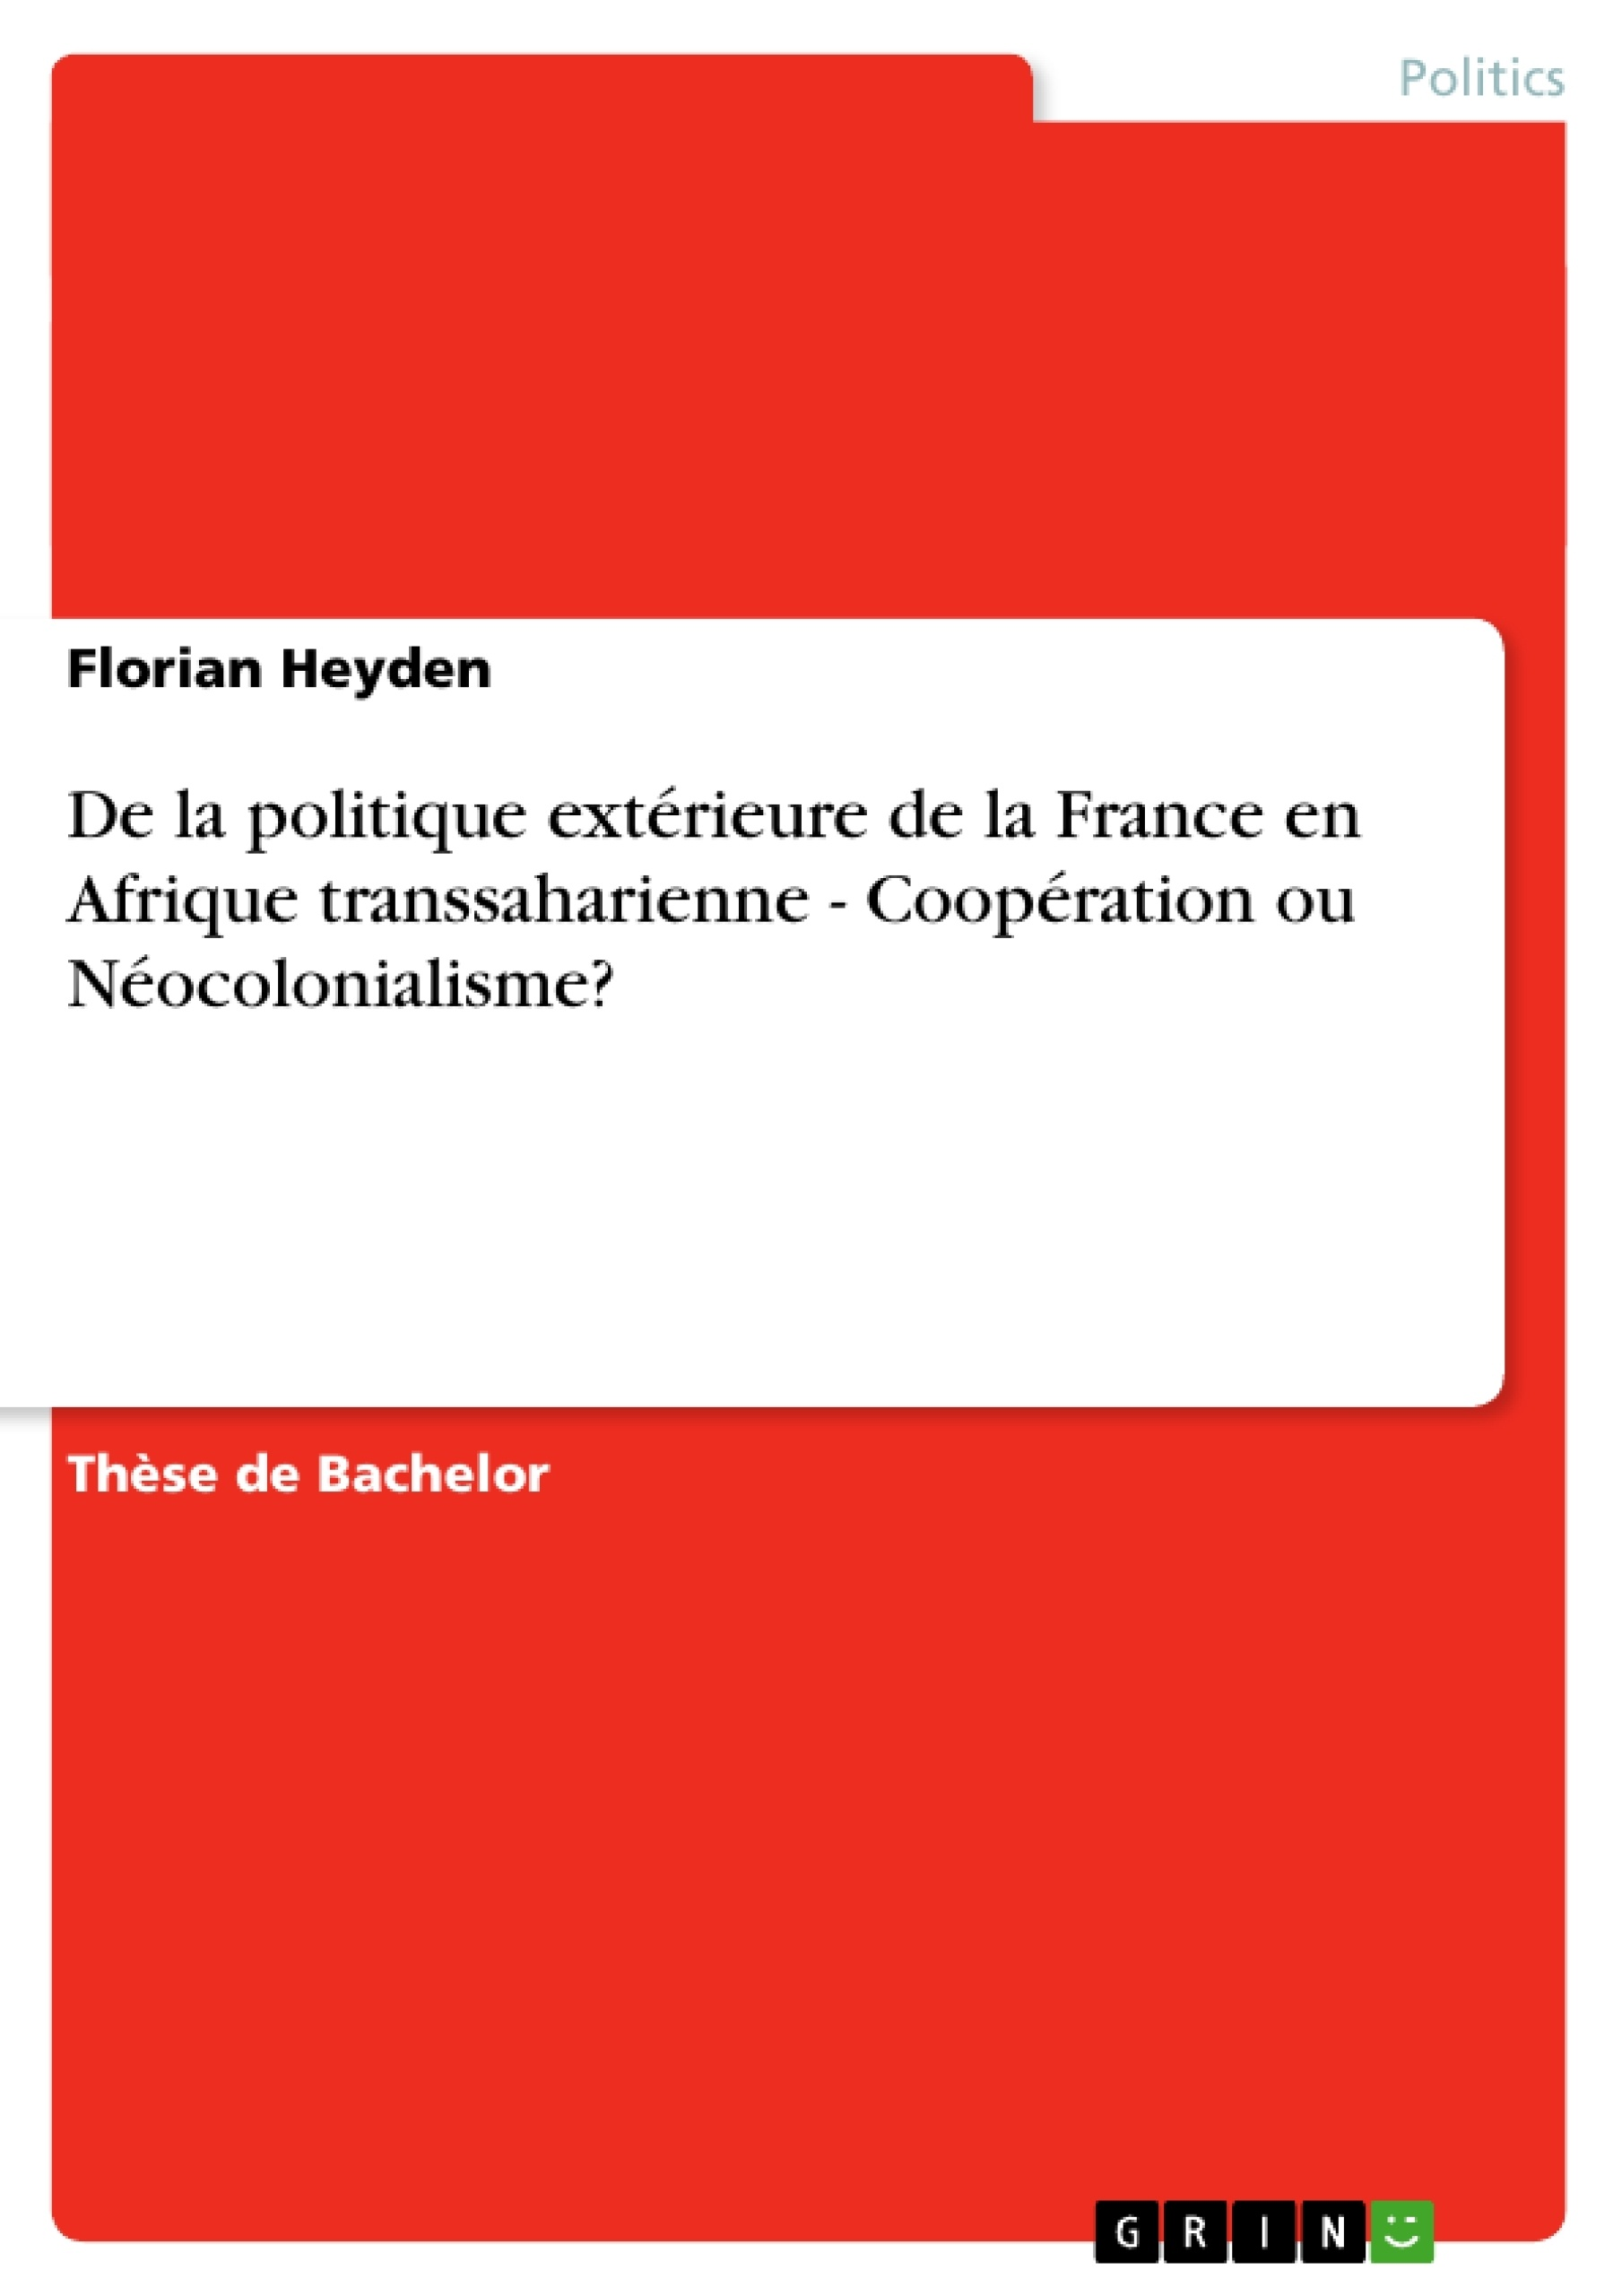 Titre: De la politique extérieure de la France en Afrique transsaharienne - Coopération ou Néocolonialisme?